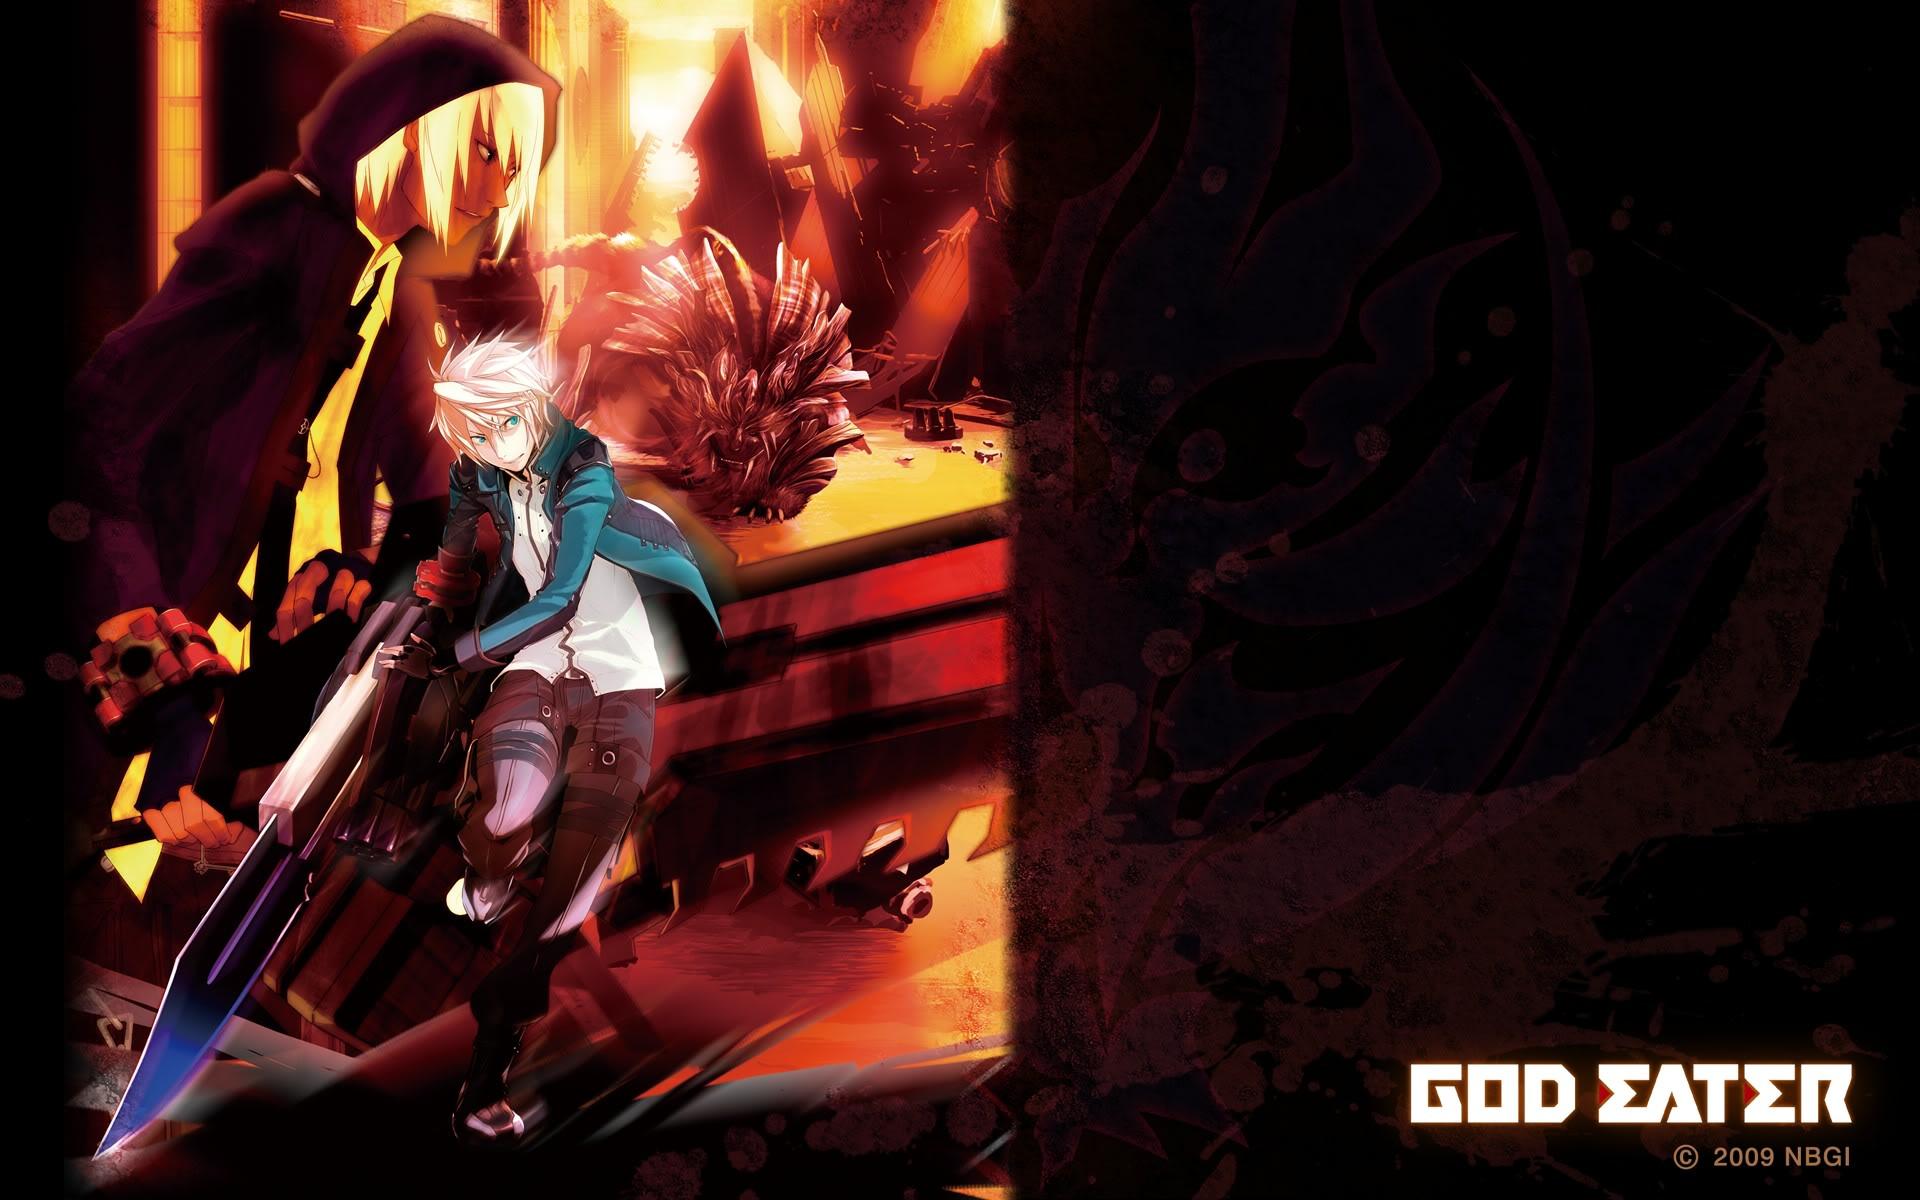 壁紙 ゴッドイーター ゲーム ダウンロード 写真